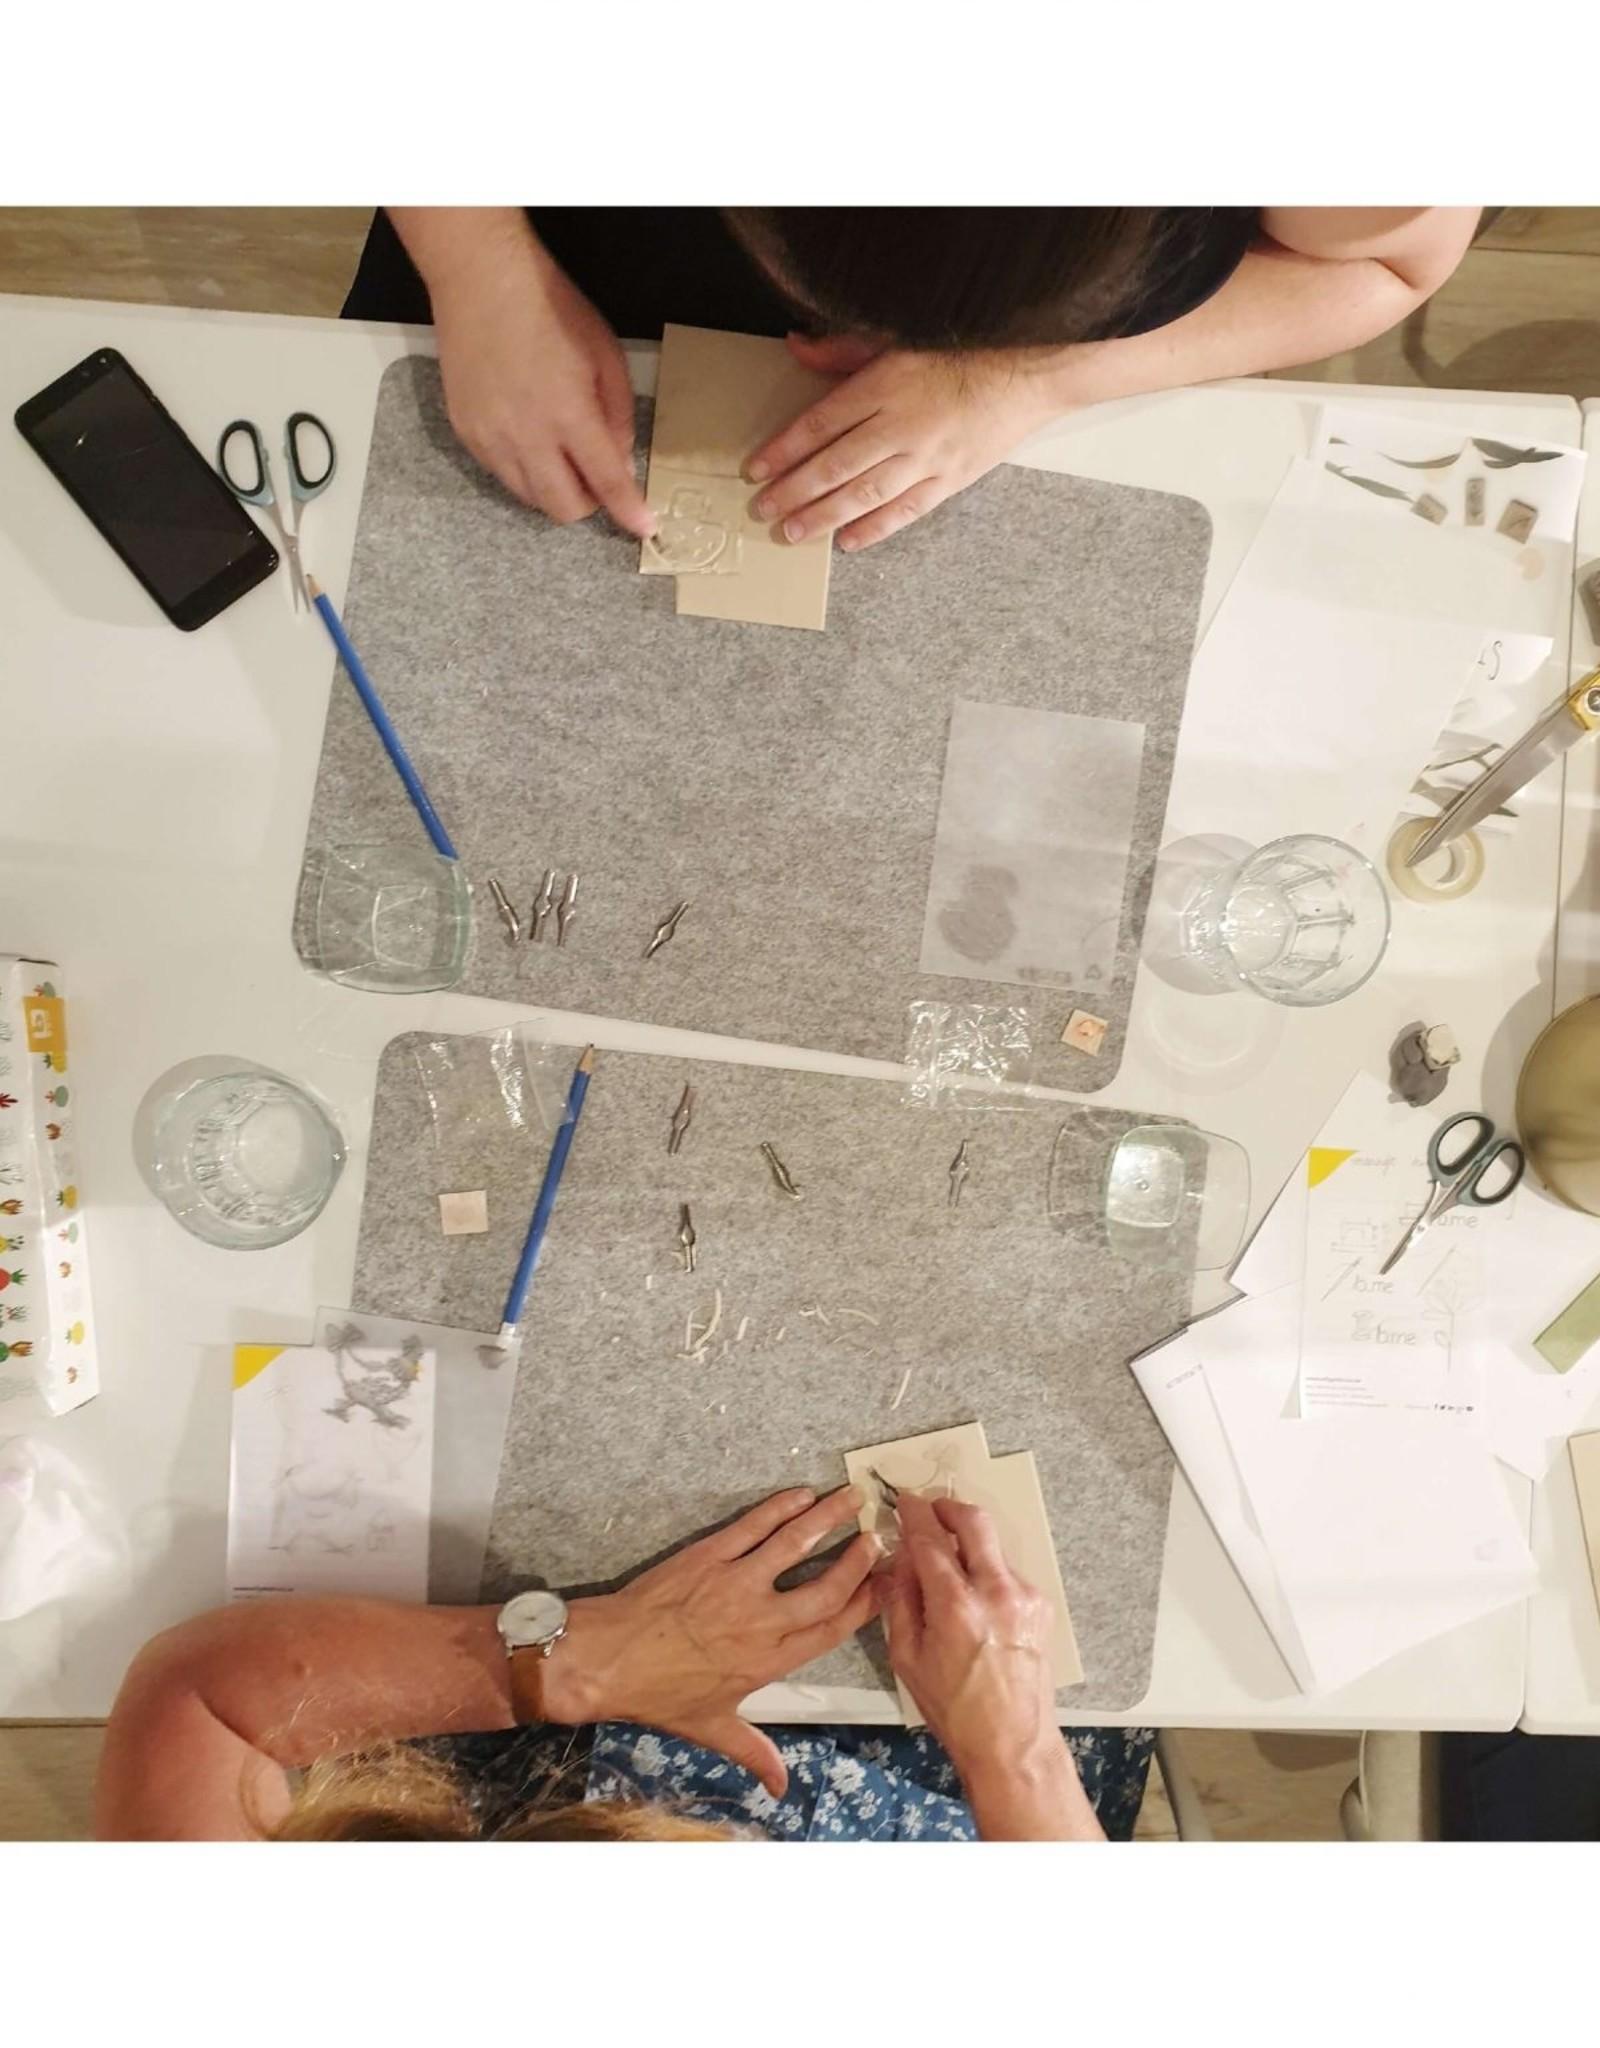 Workshop stempels maken